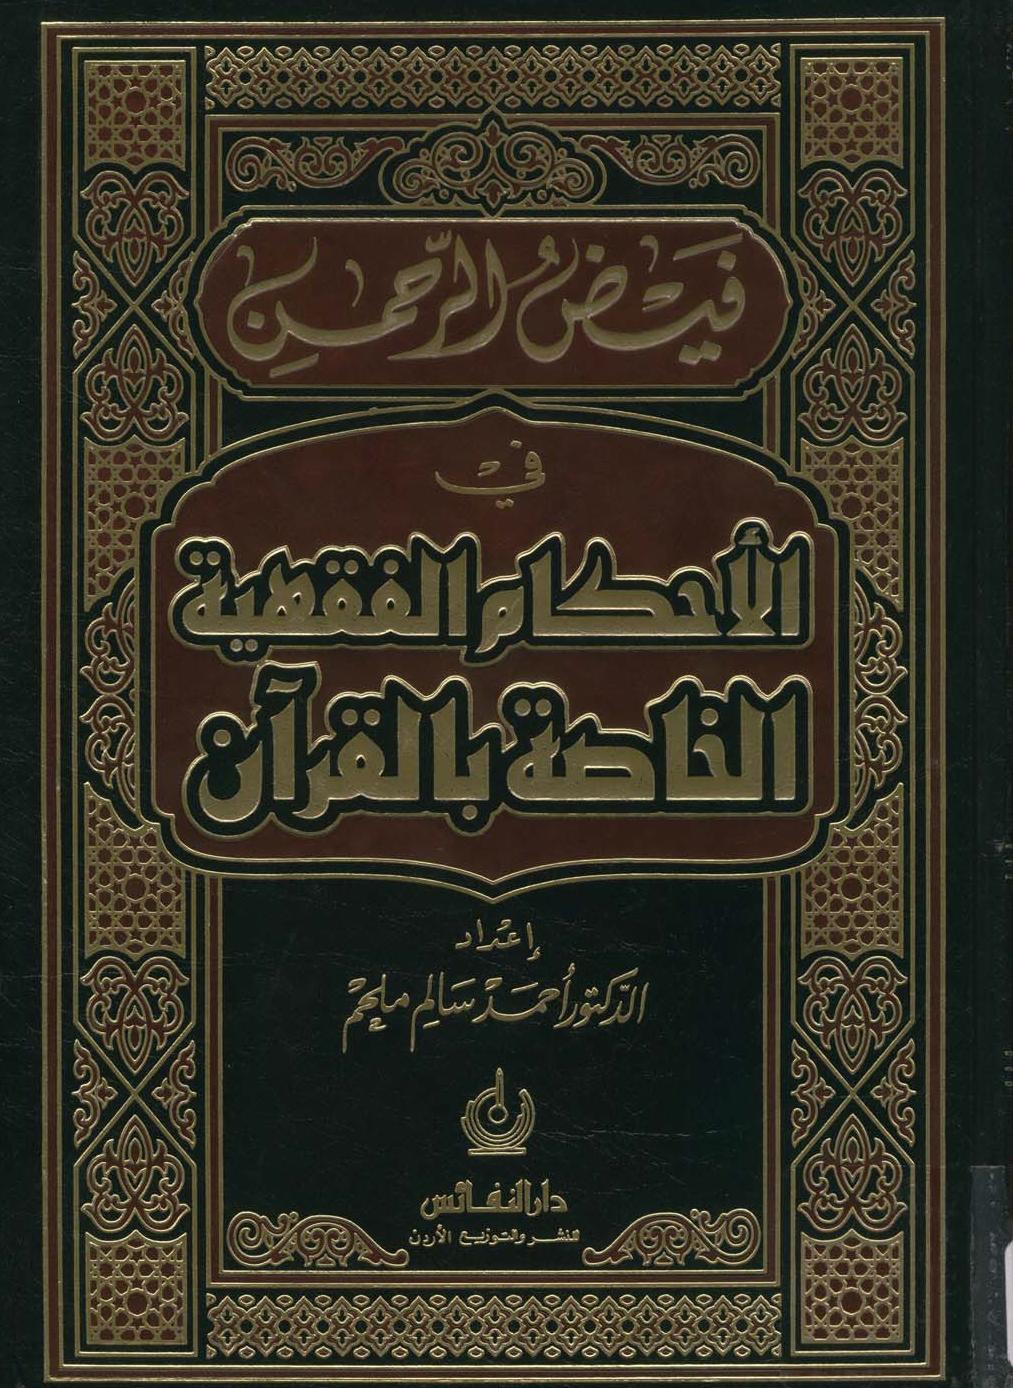 تحميل كتاب فيض الرحمن في الأحكام الفقهية الخاصة بالقرآن لـِ: الدكتور أحمد سالم ملحم